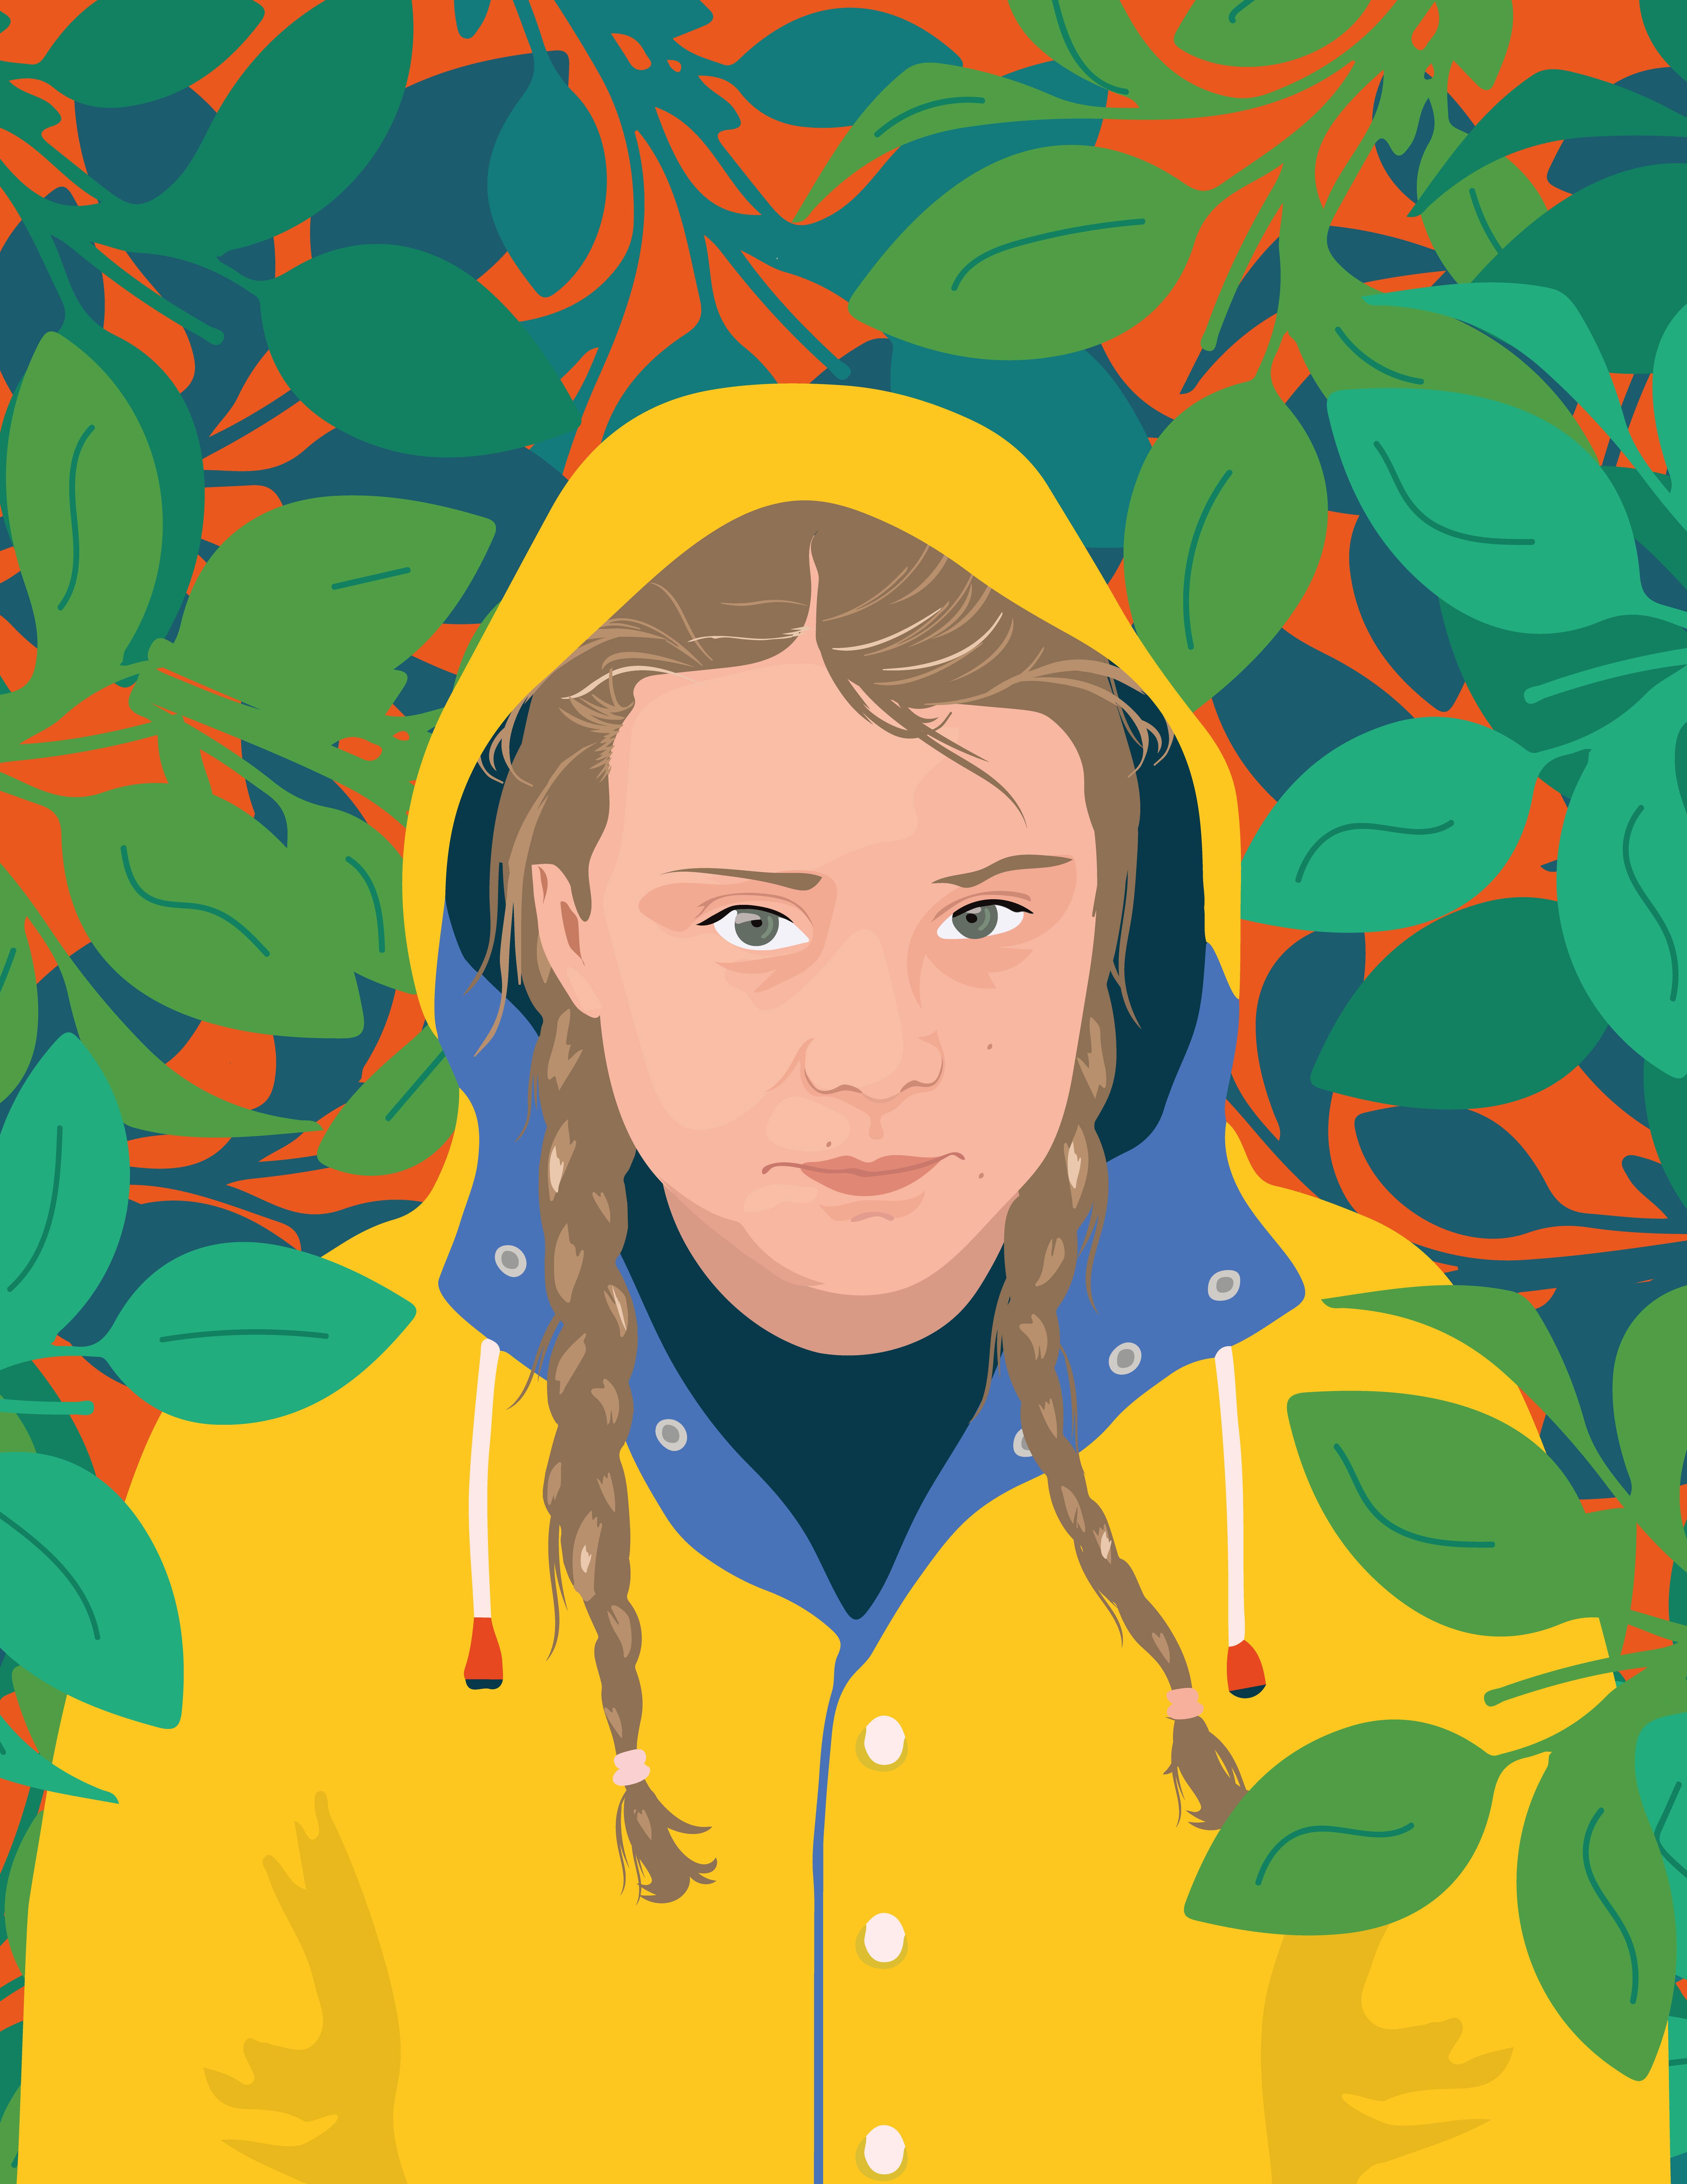 Greta-Thunberg - Camila Pinheiro for Spe